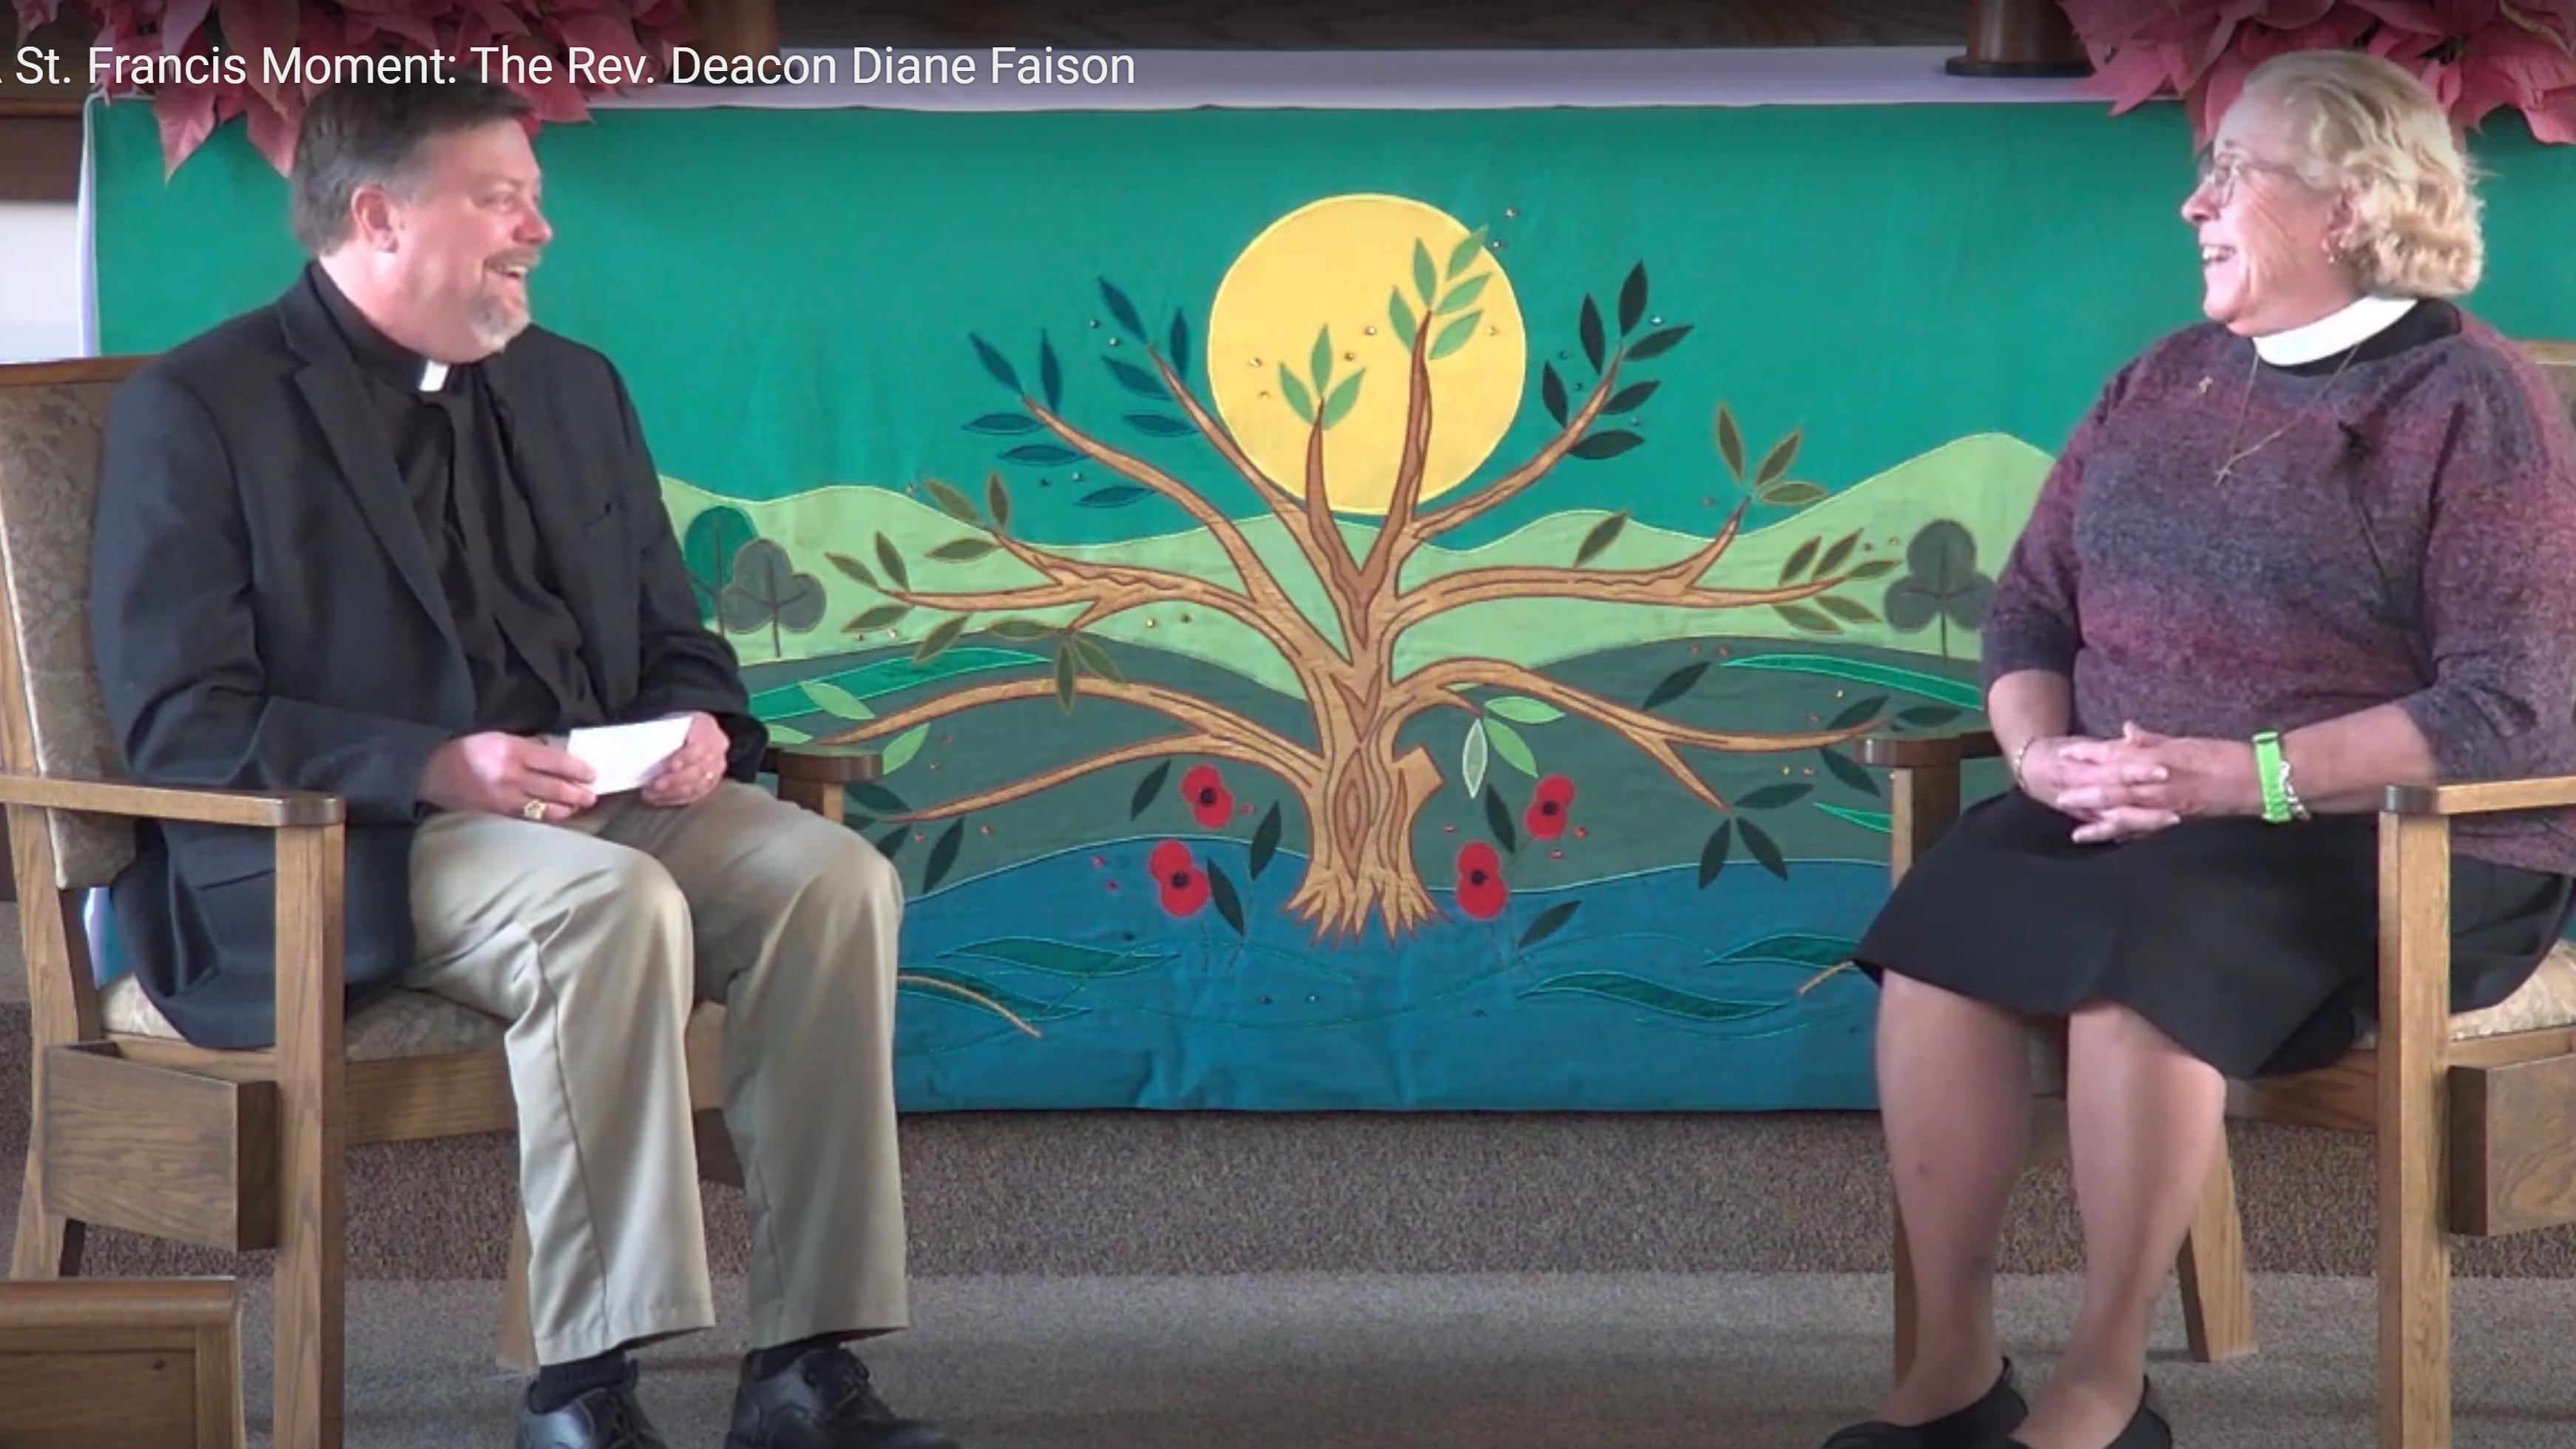 St. Francis Moment Diane Faison